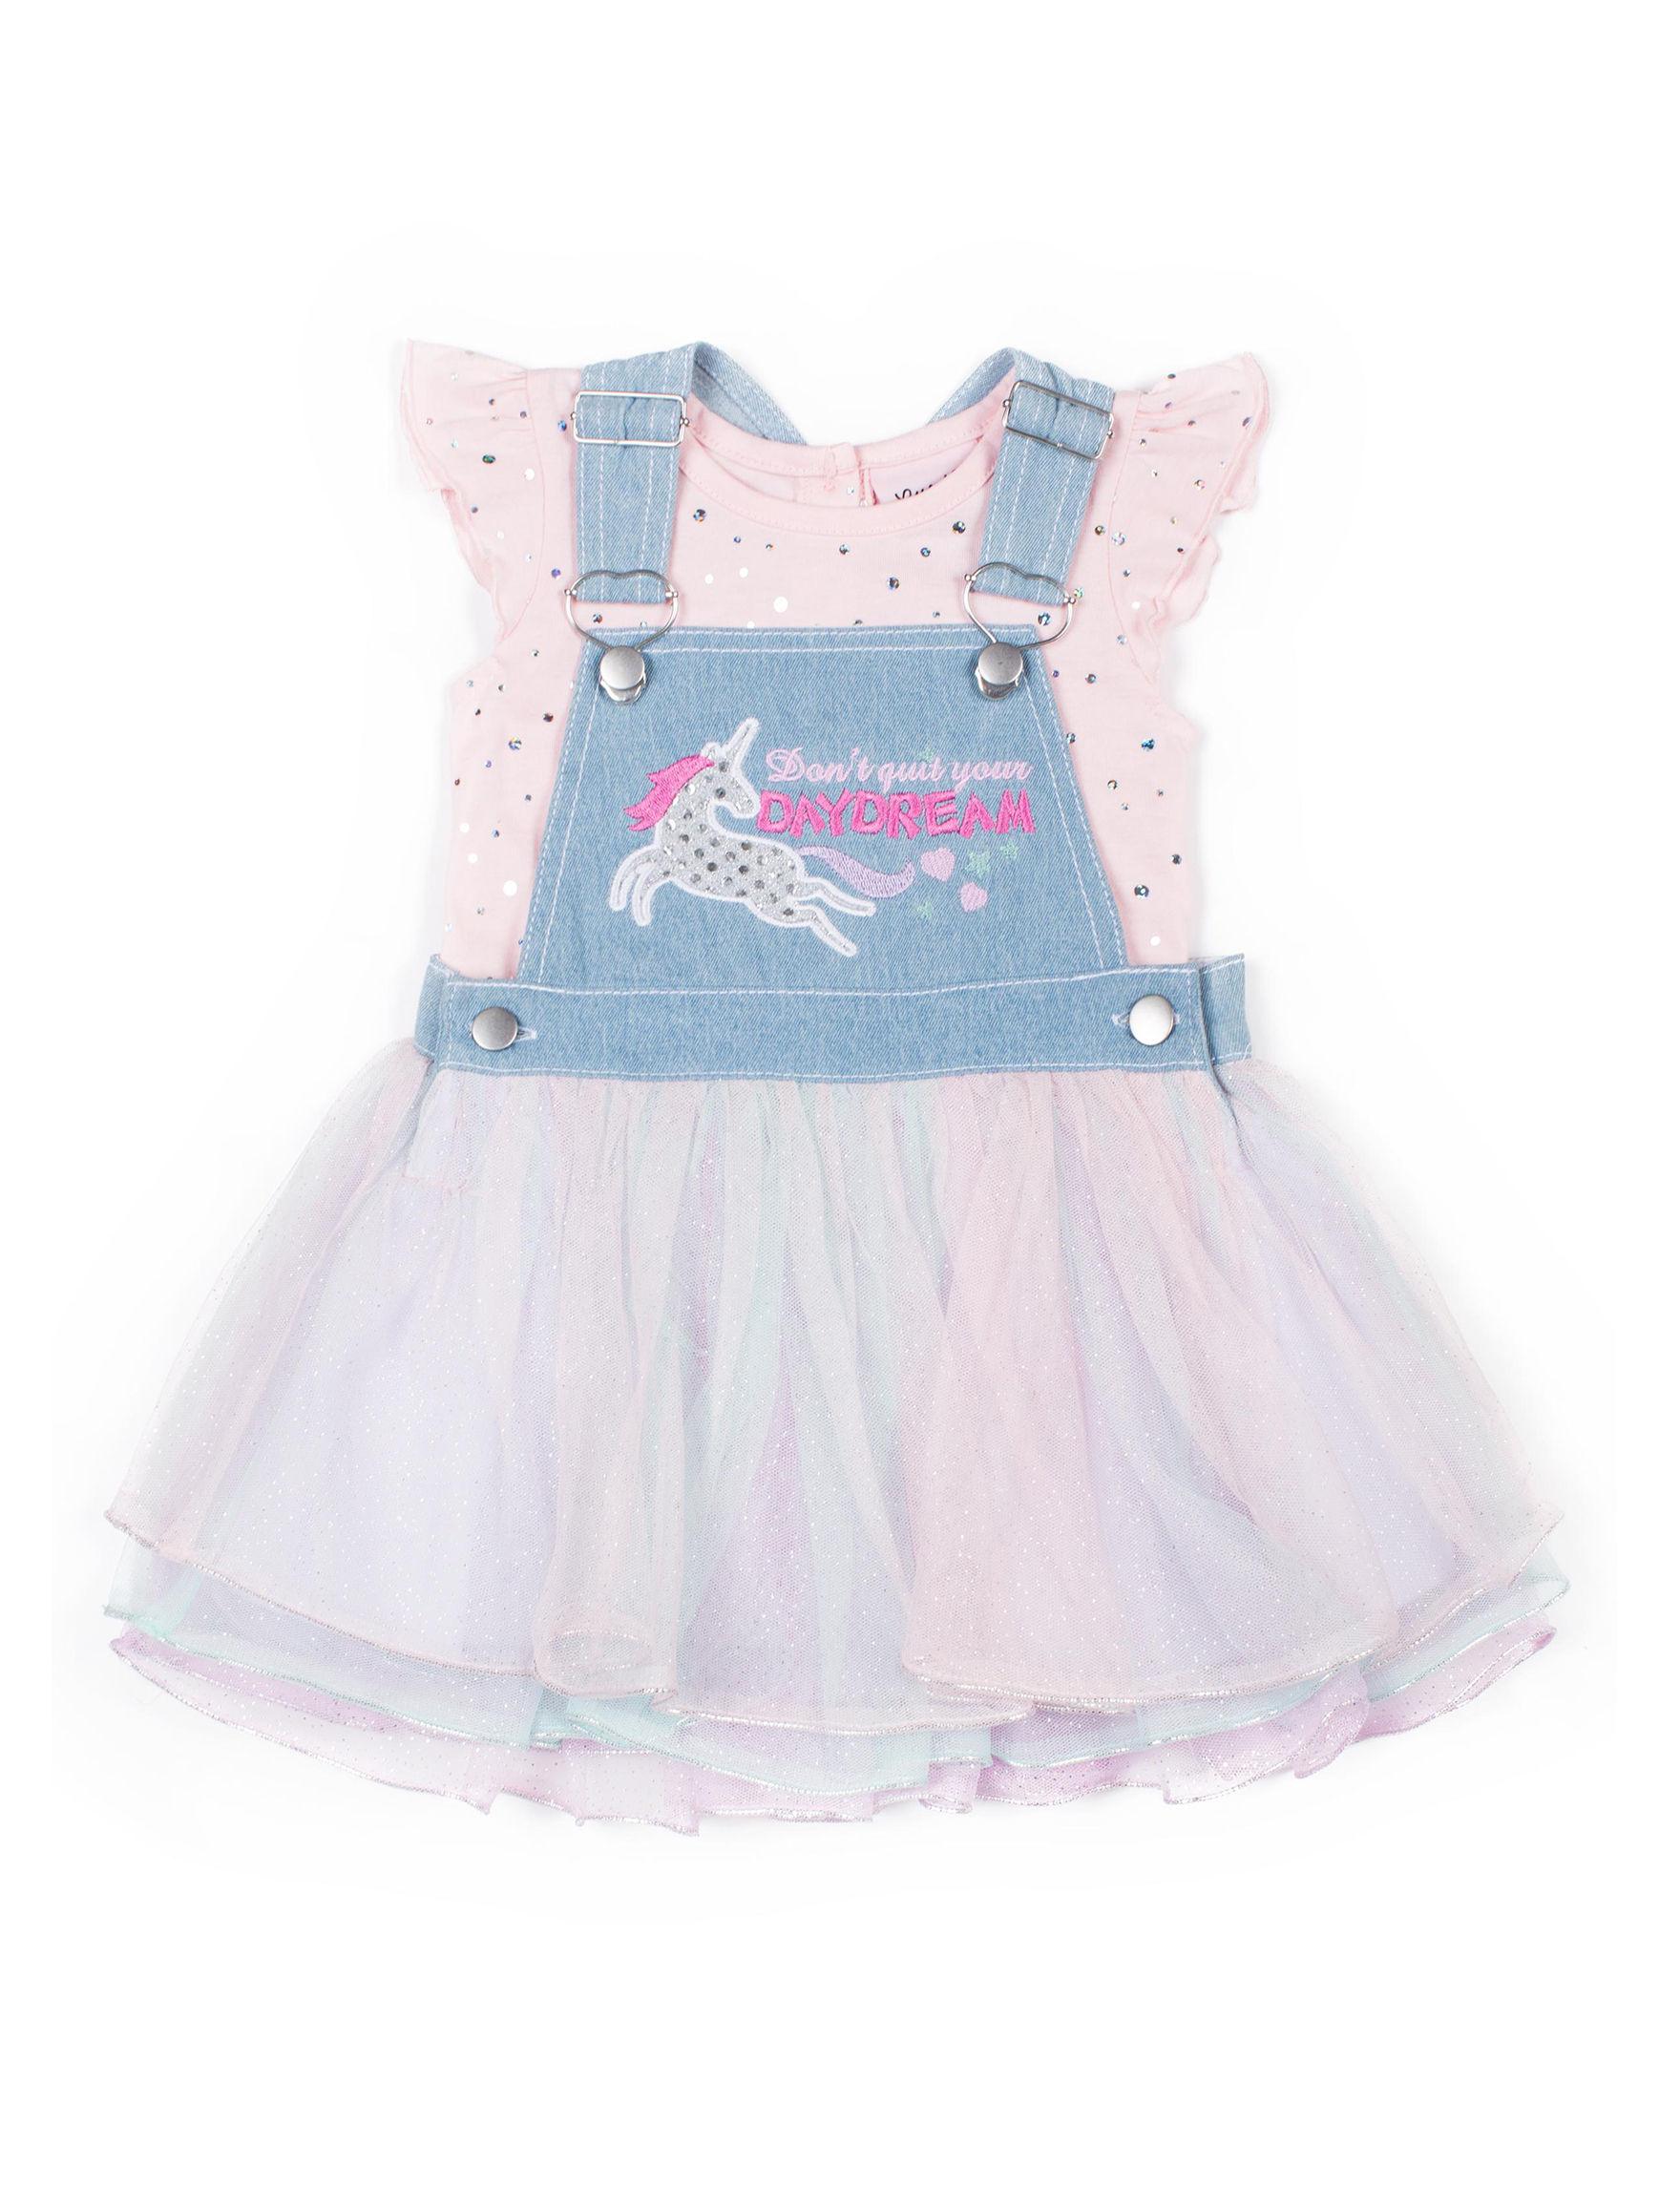 Little Lass Pink / Denim